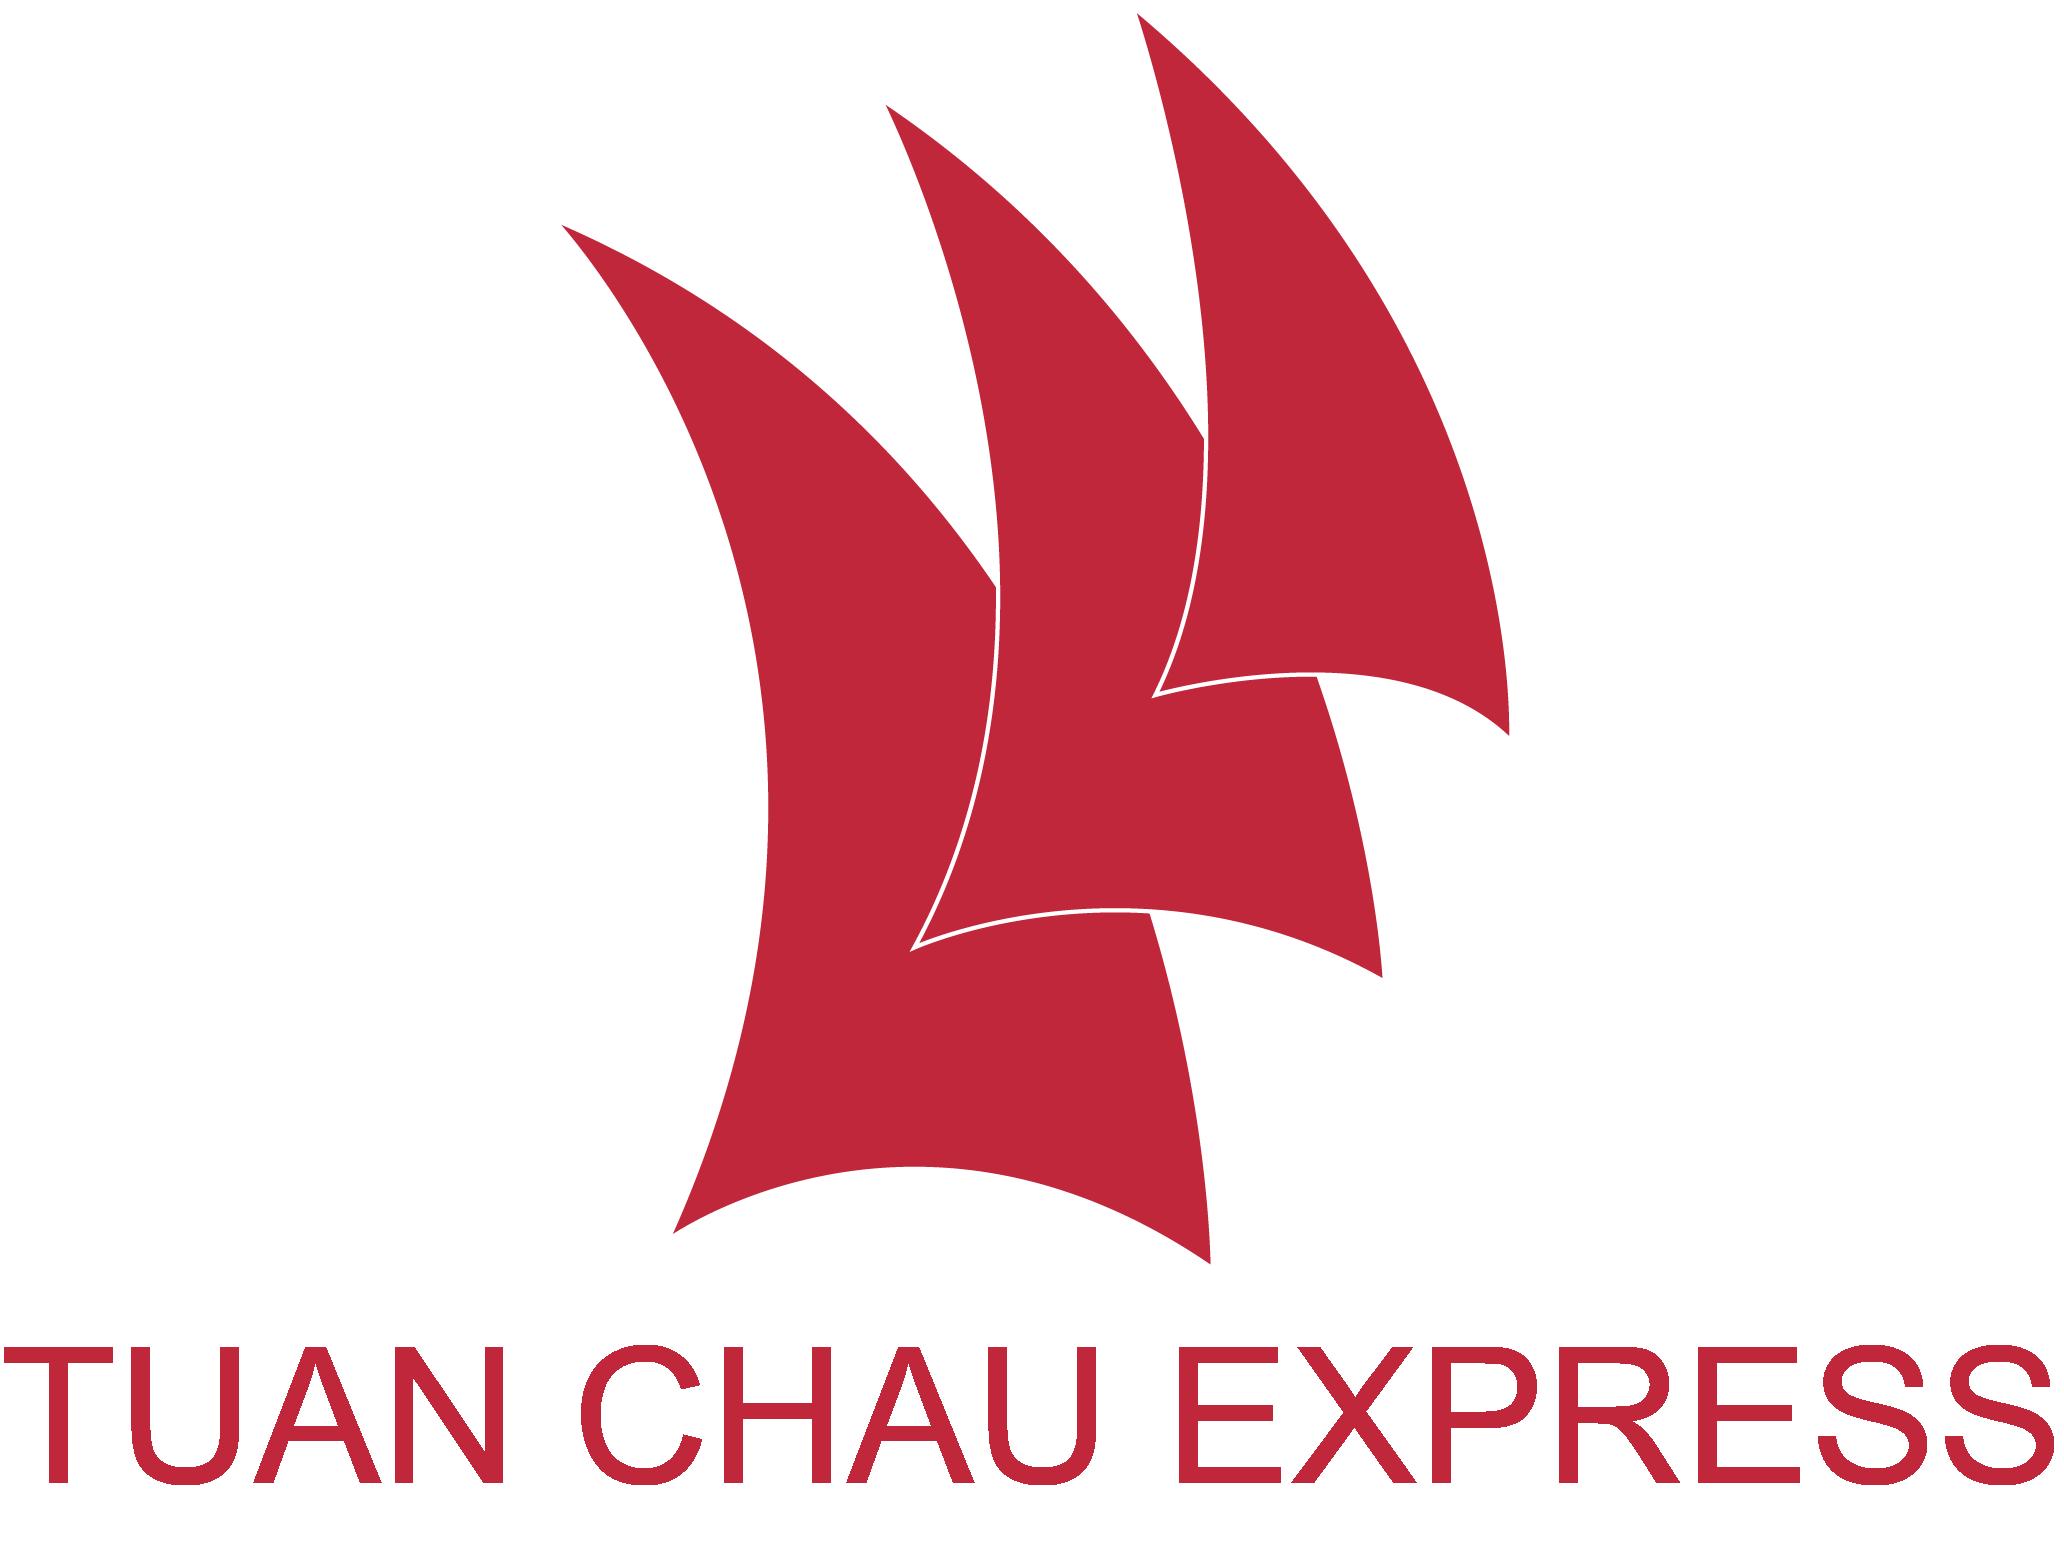 TUAN CHAU EXPRESS